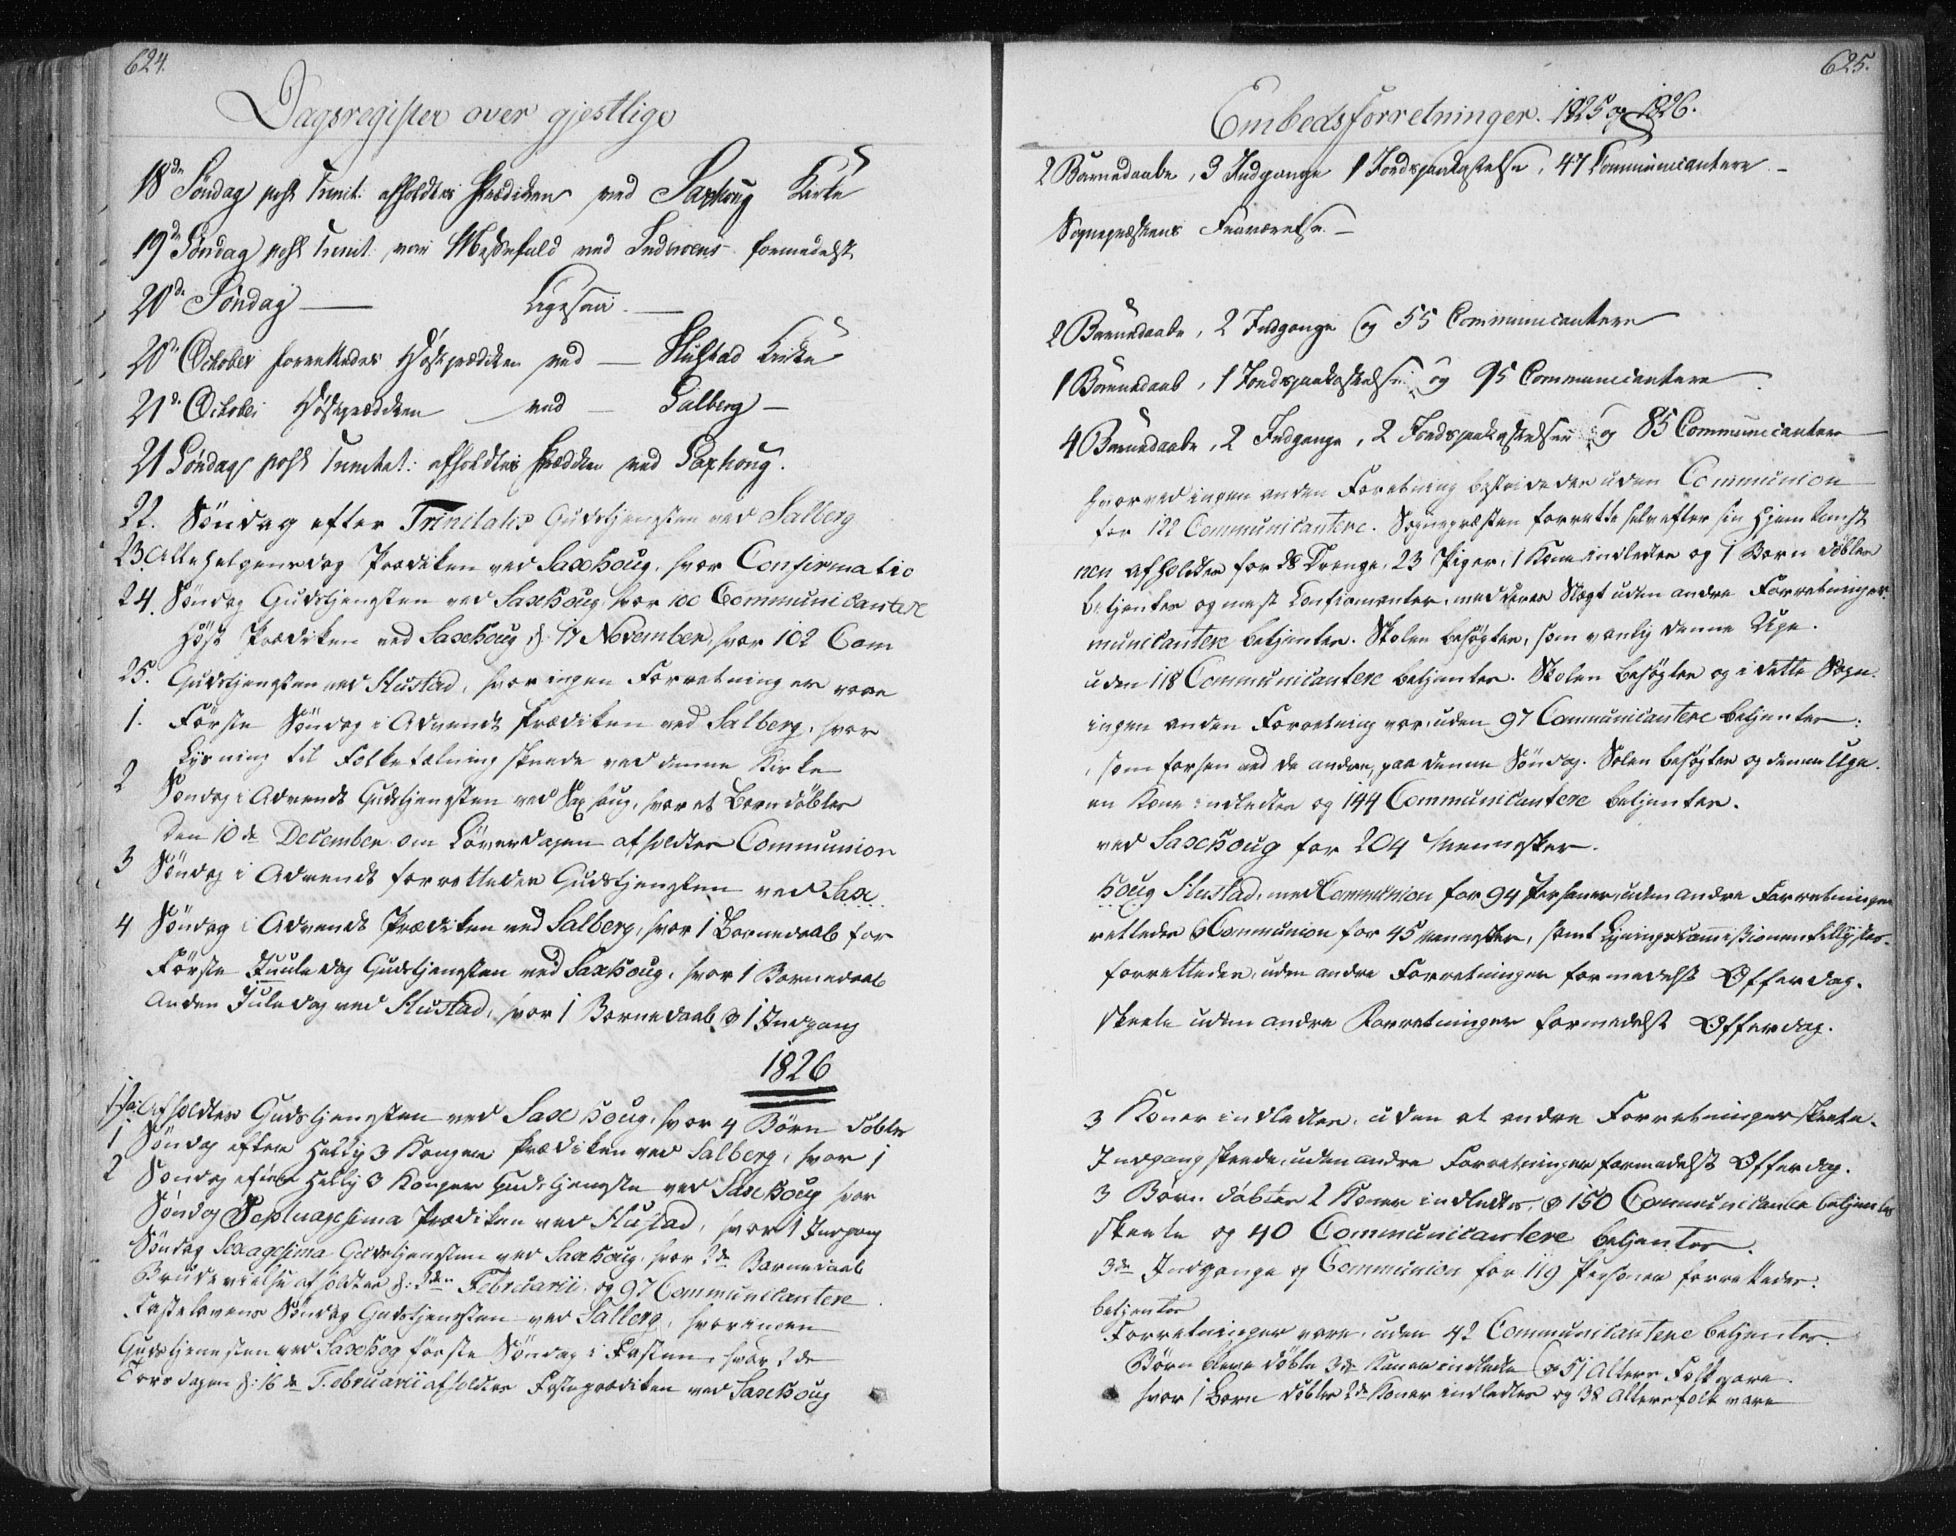 SAT, Ministerialprotokoller, klokkerbøker og fødselsregistre - Nord-Trøndelag, 730/L0276: Ministerialbok nr. 730A05, 1822-1830, s. 624-625